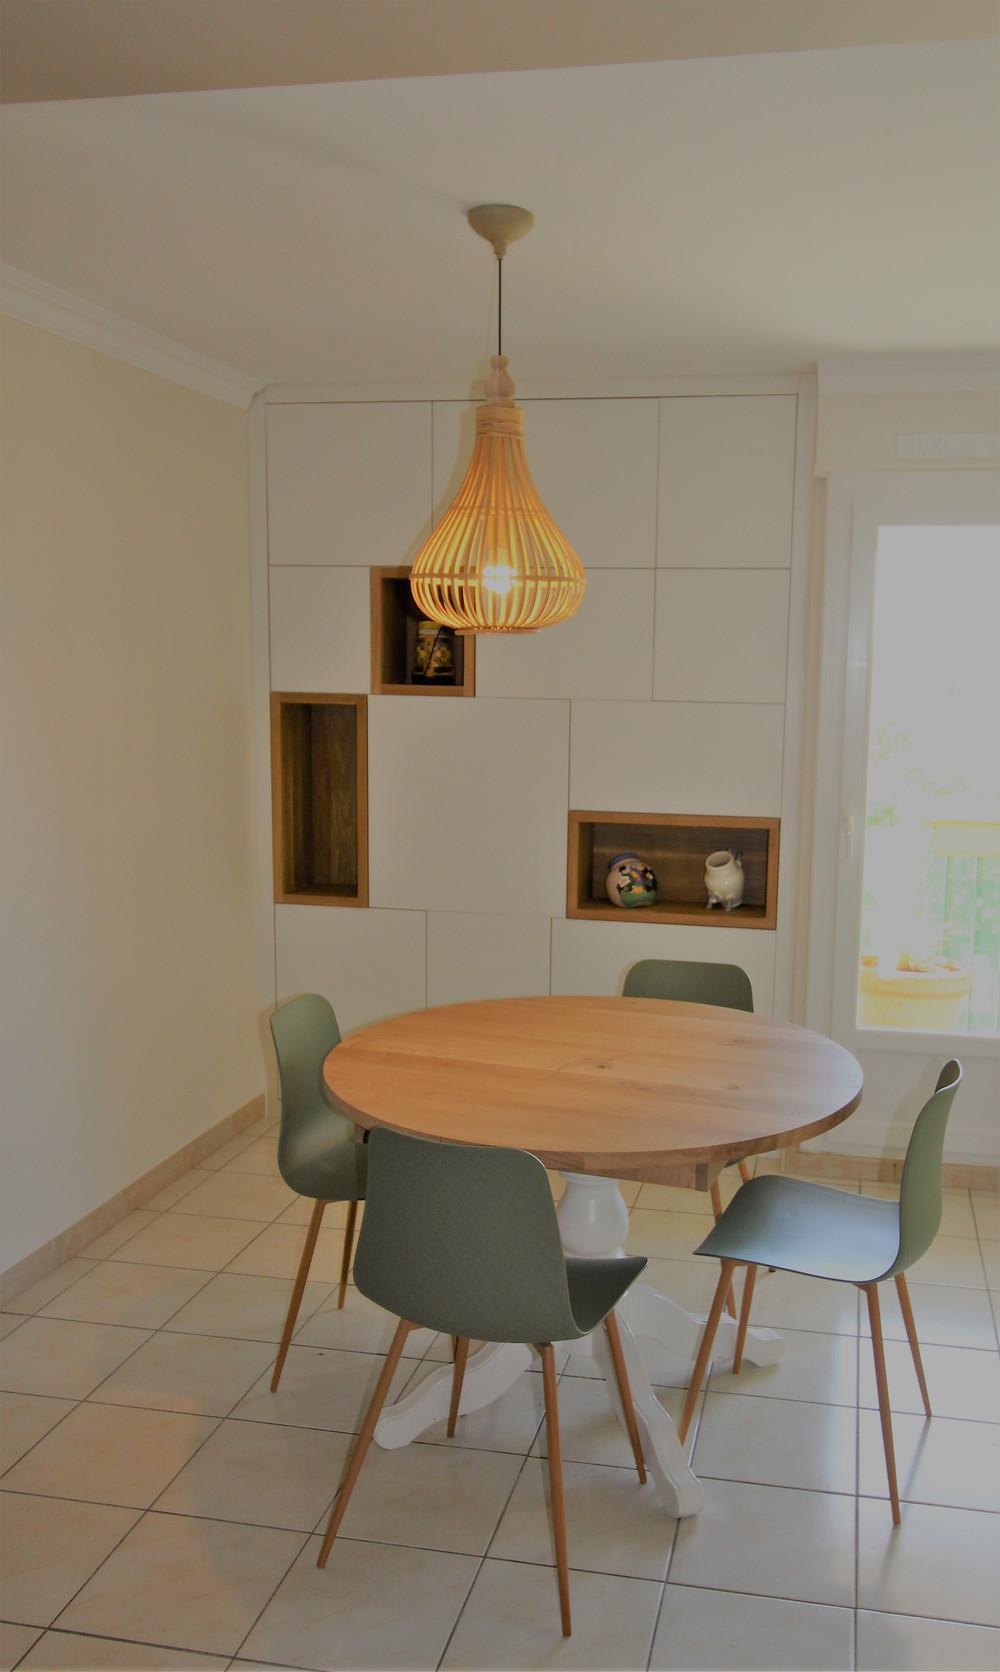 rangements sur mesures, relooking table, Alizarine Déco, Décoratrice d'intérieur, UFDI